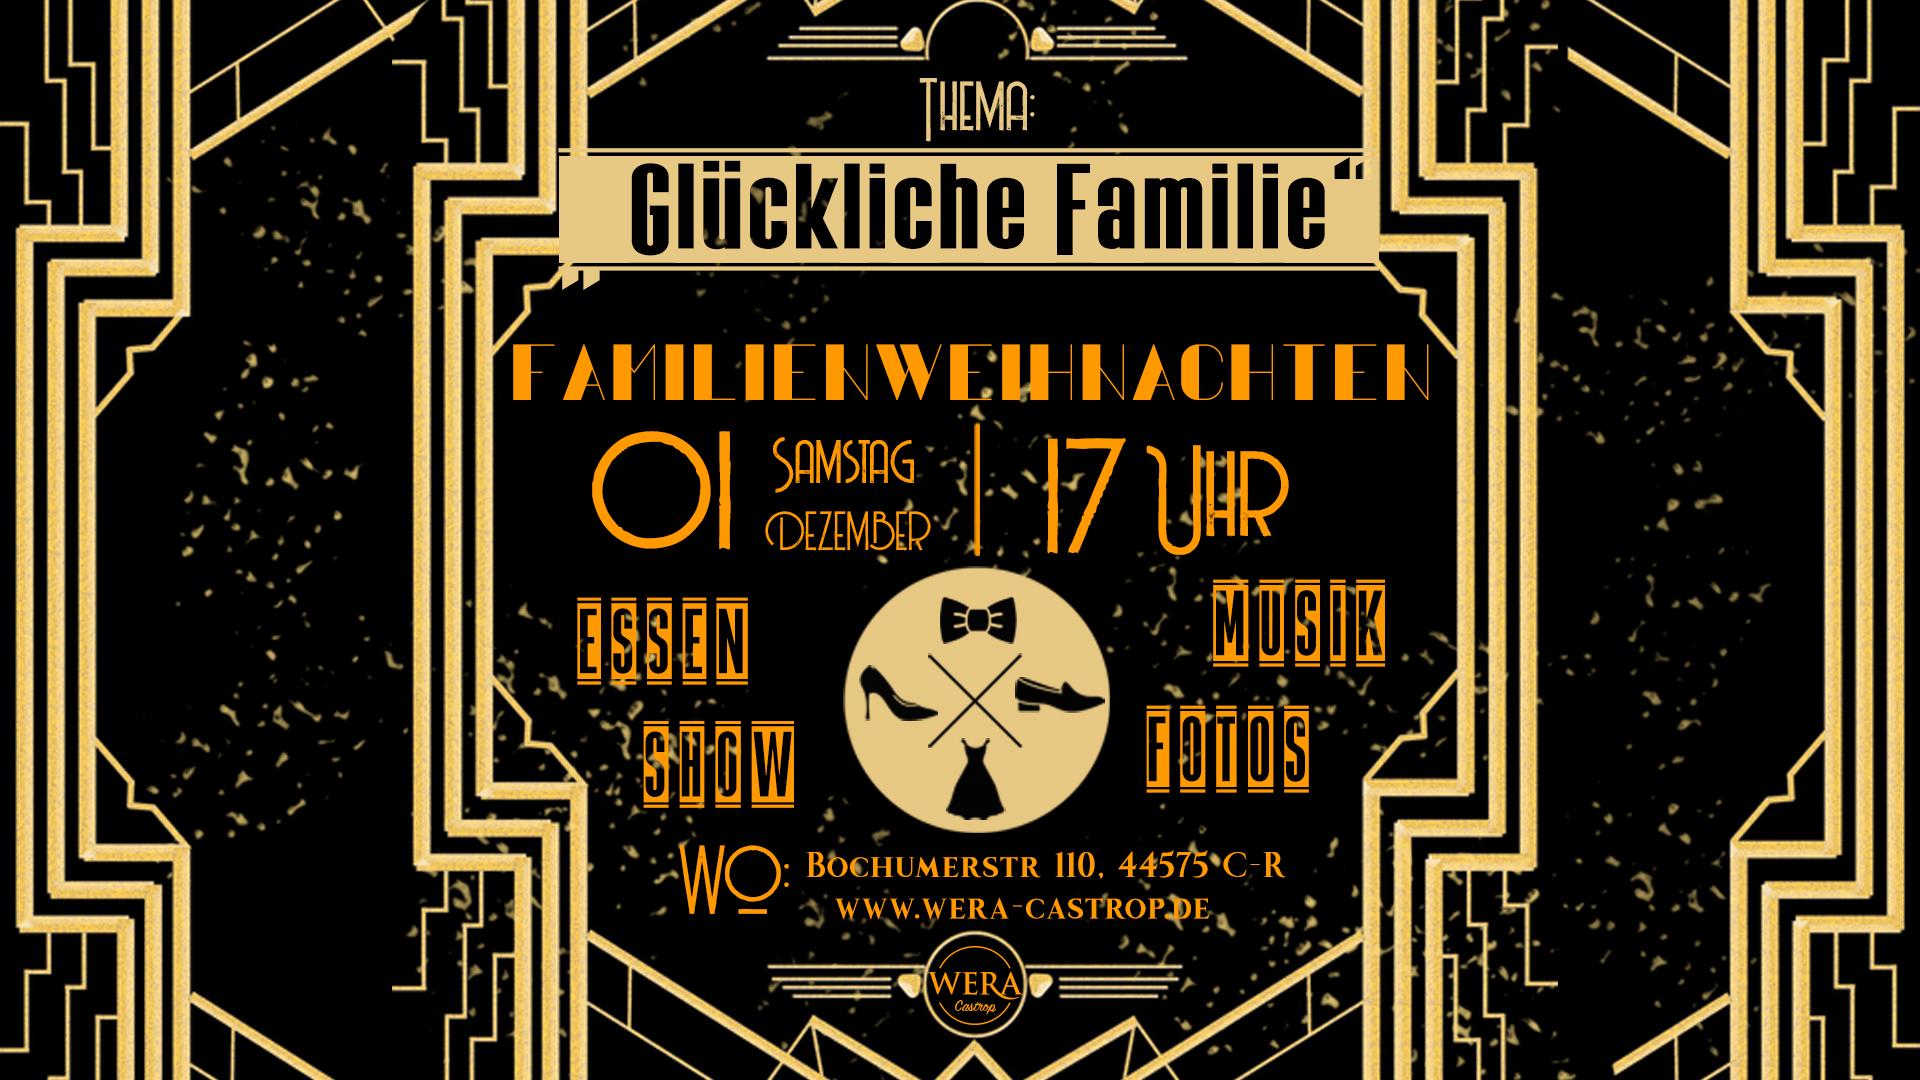 Familien_banner